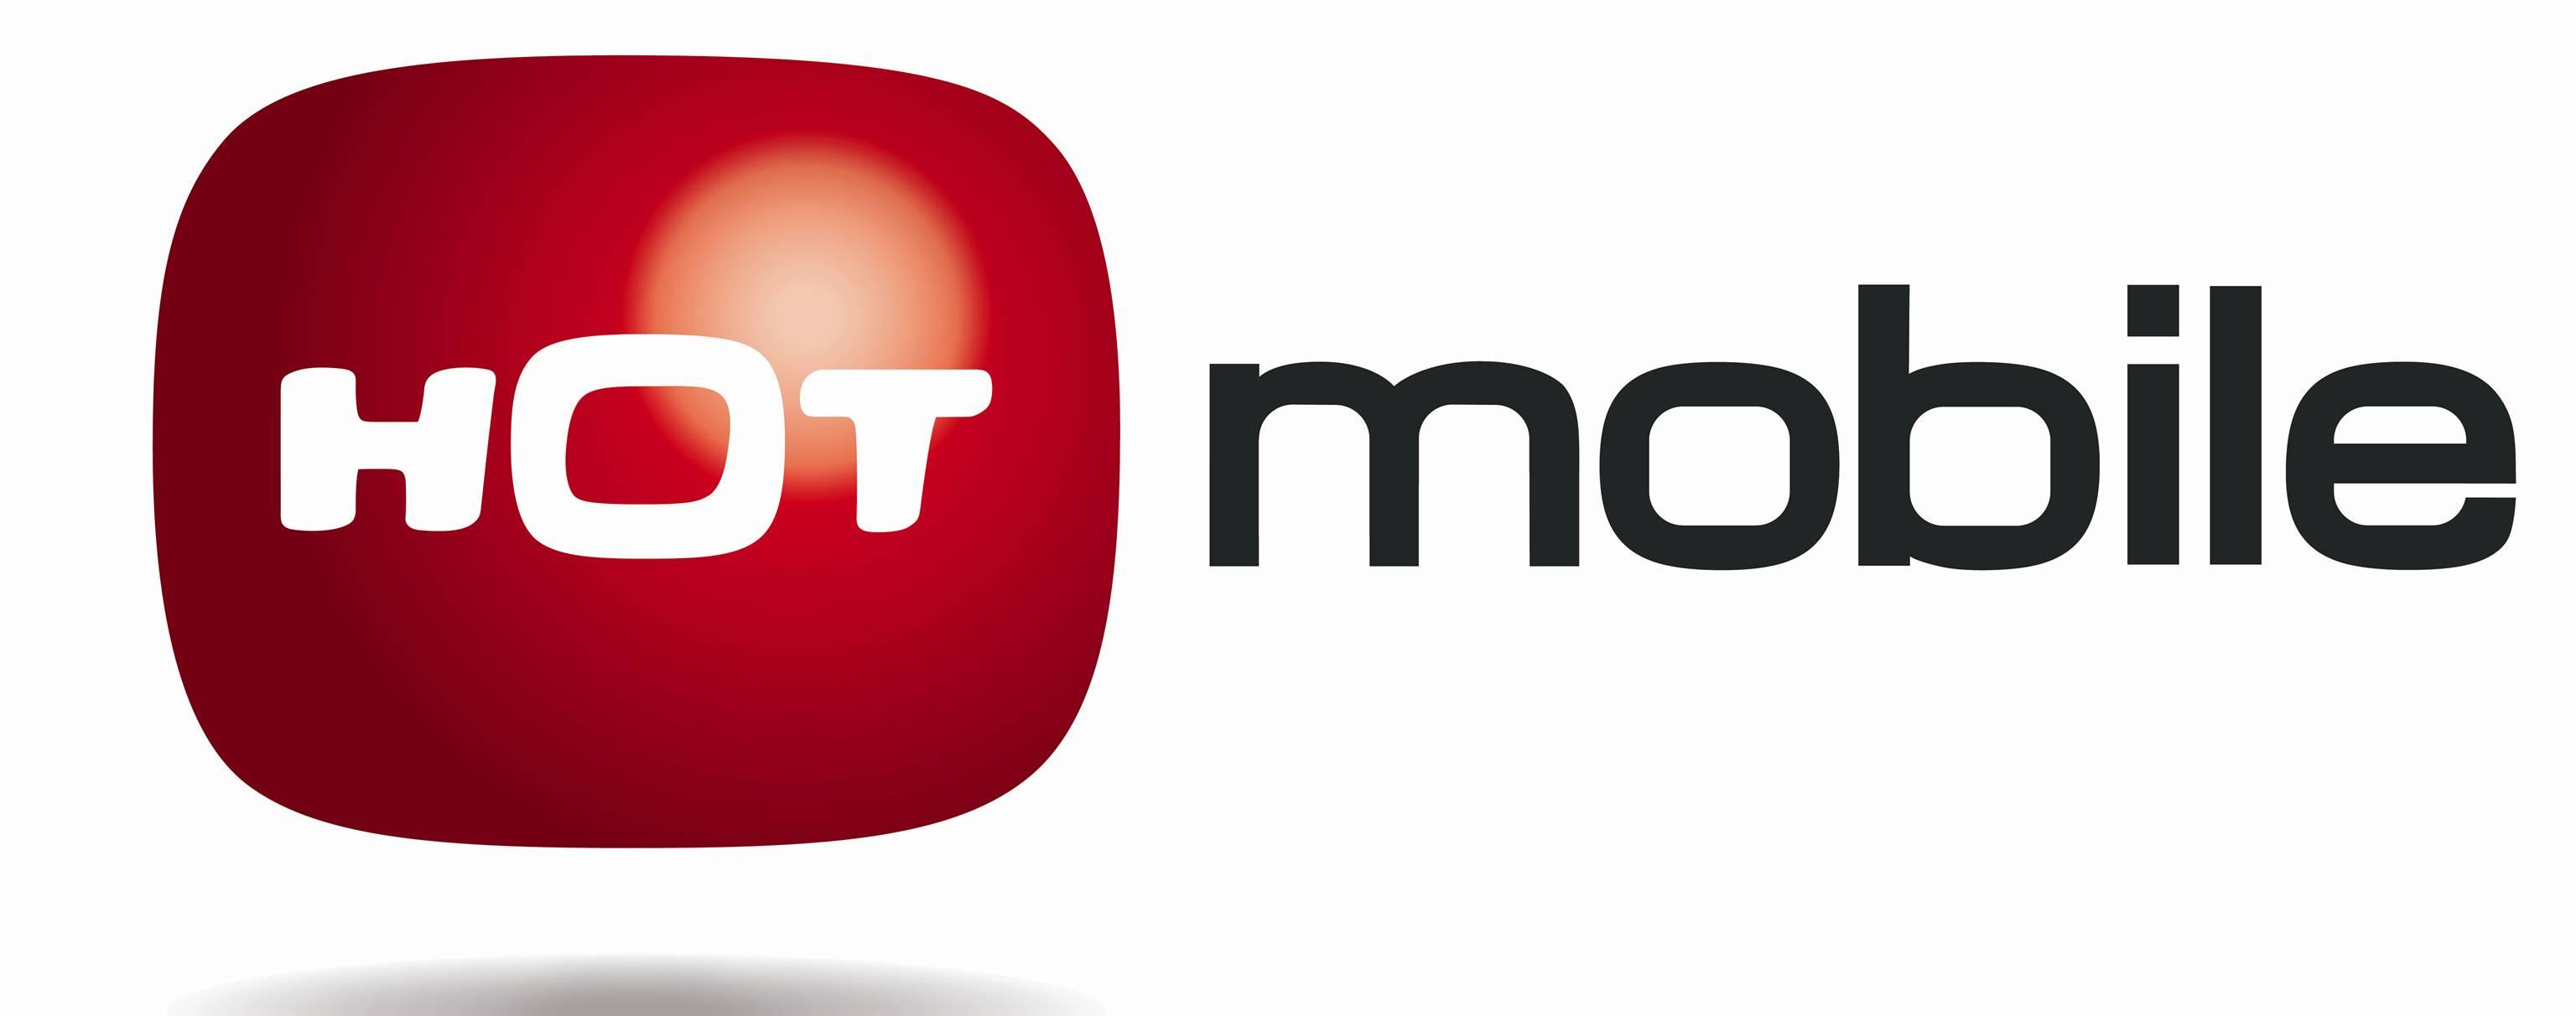 Сегодня в полночь HOT Mobile начинает предварительную продажу аппаратов iPhone 7 и iPhone 7 Plus